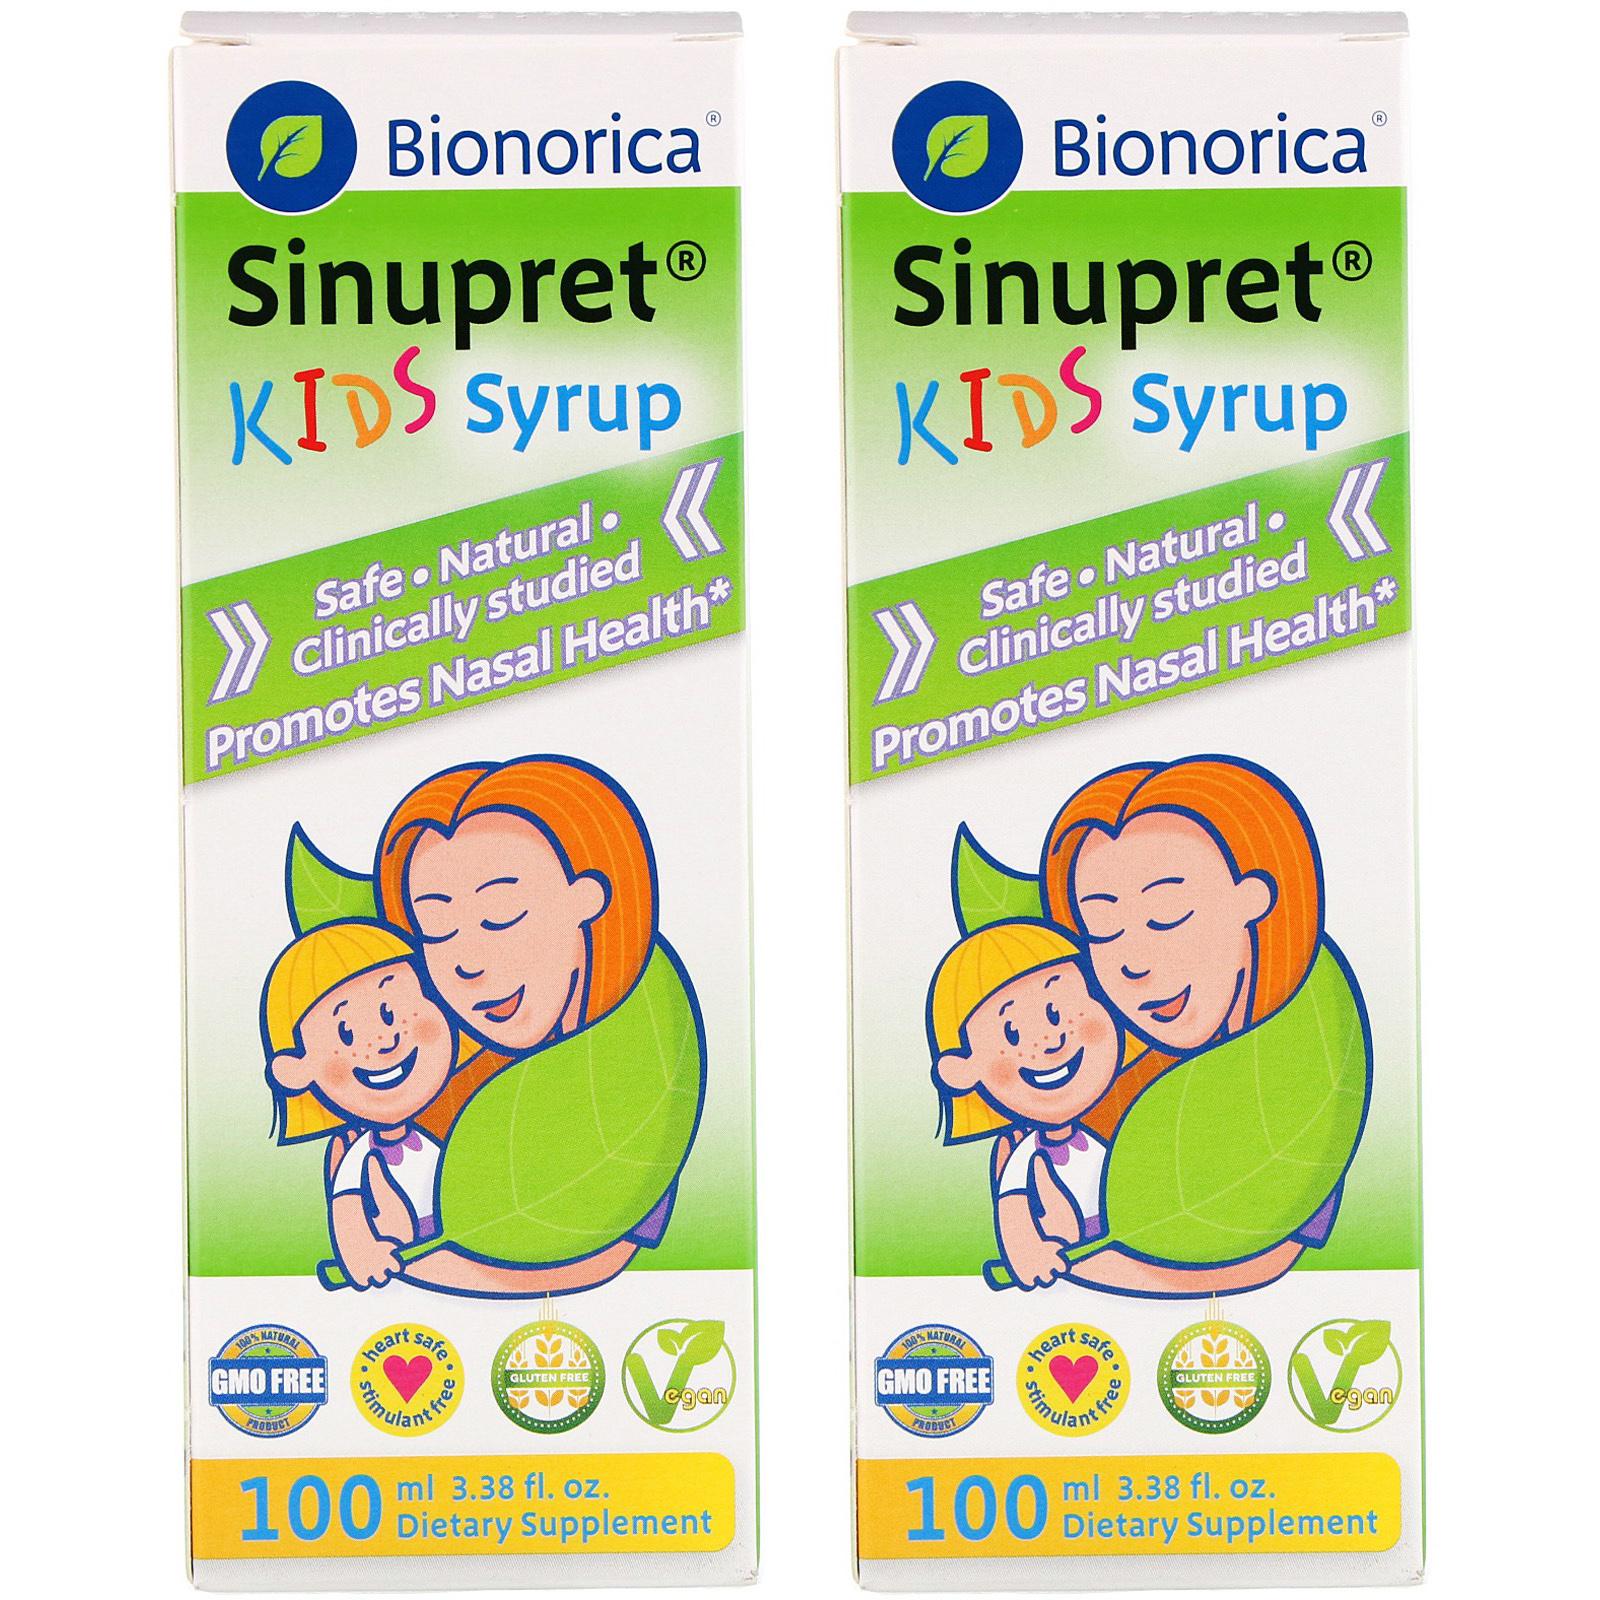 바이오노리카 시누프렛 시럽 어린이 비타민, 100ml, 2개